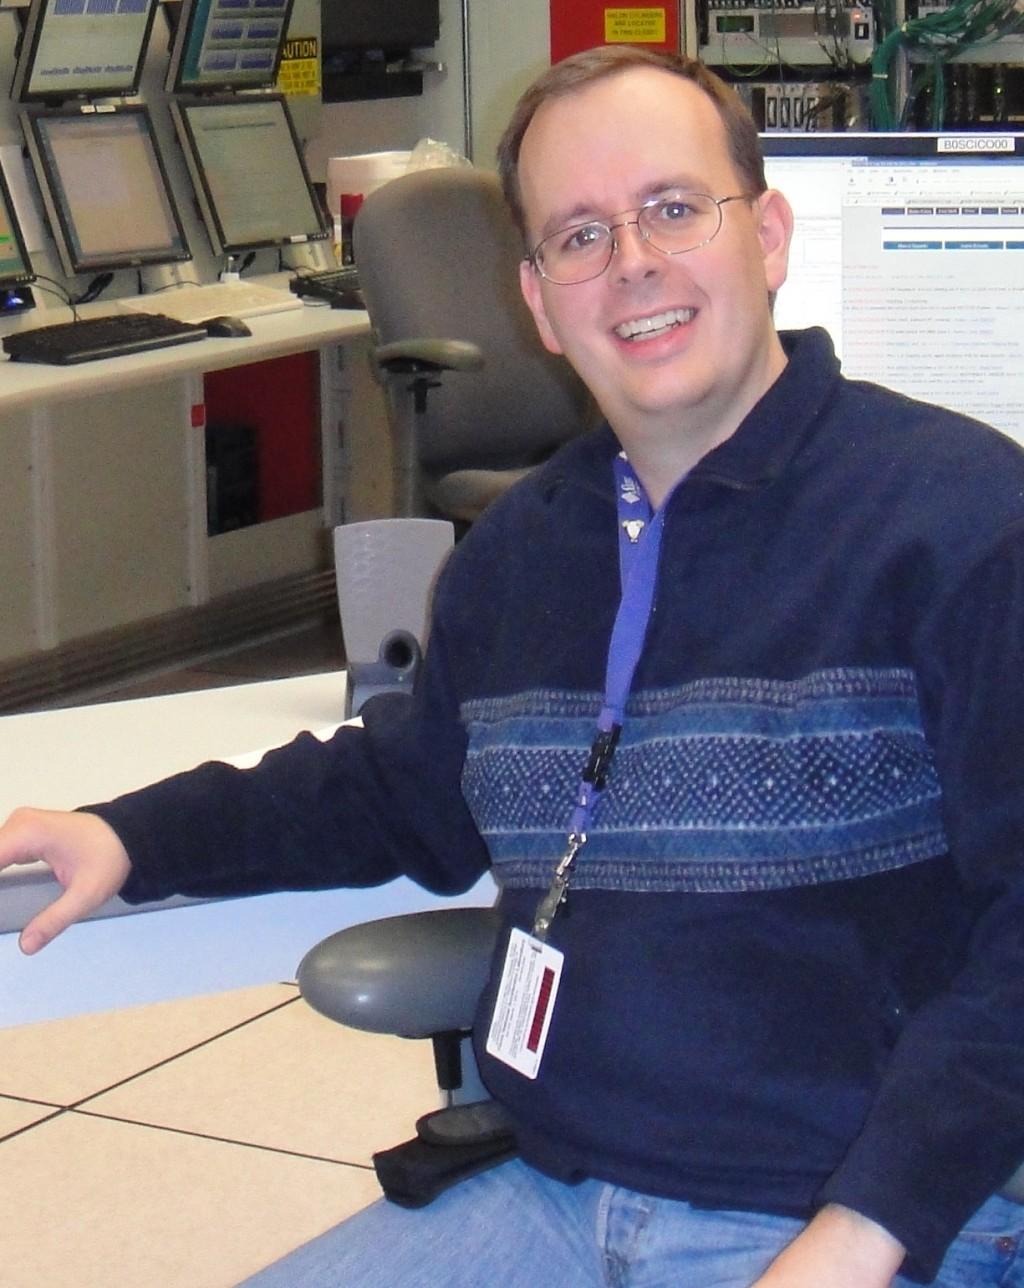 Marcel Stanitzki of DESY.